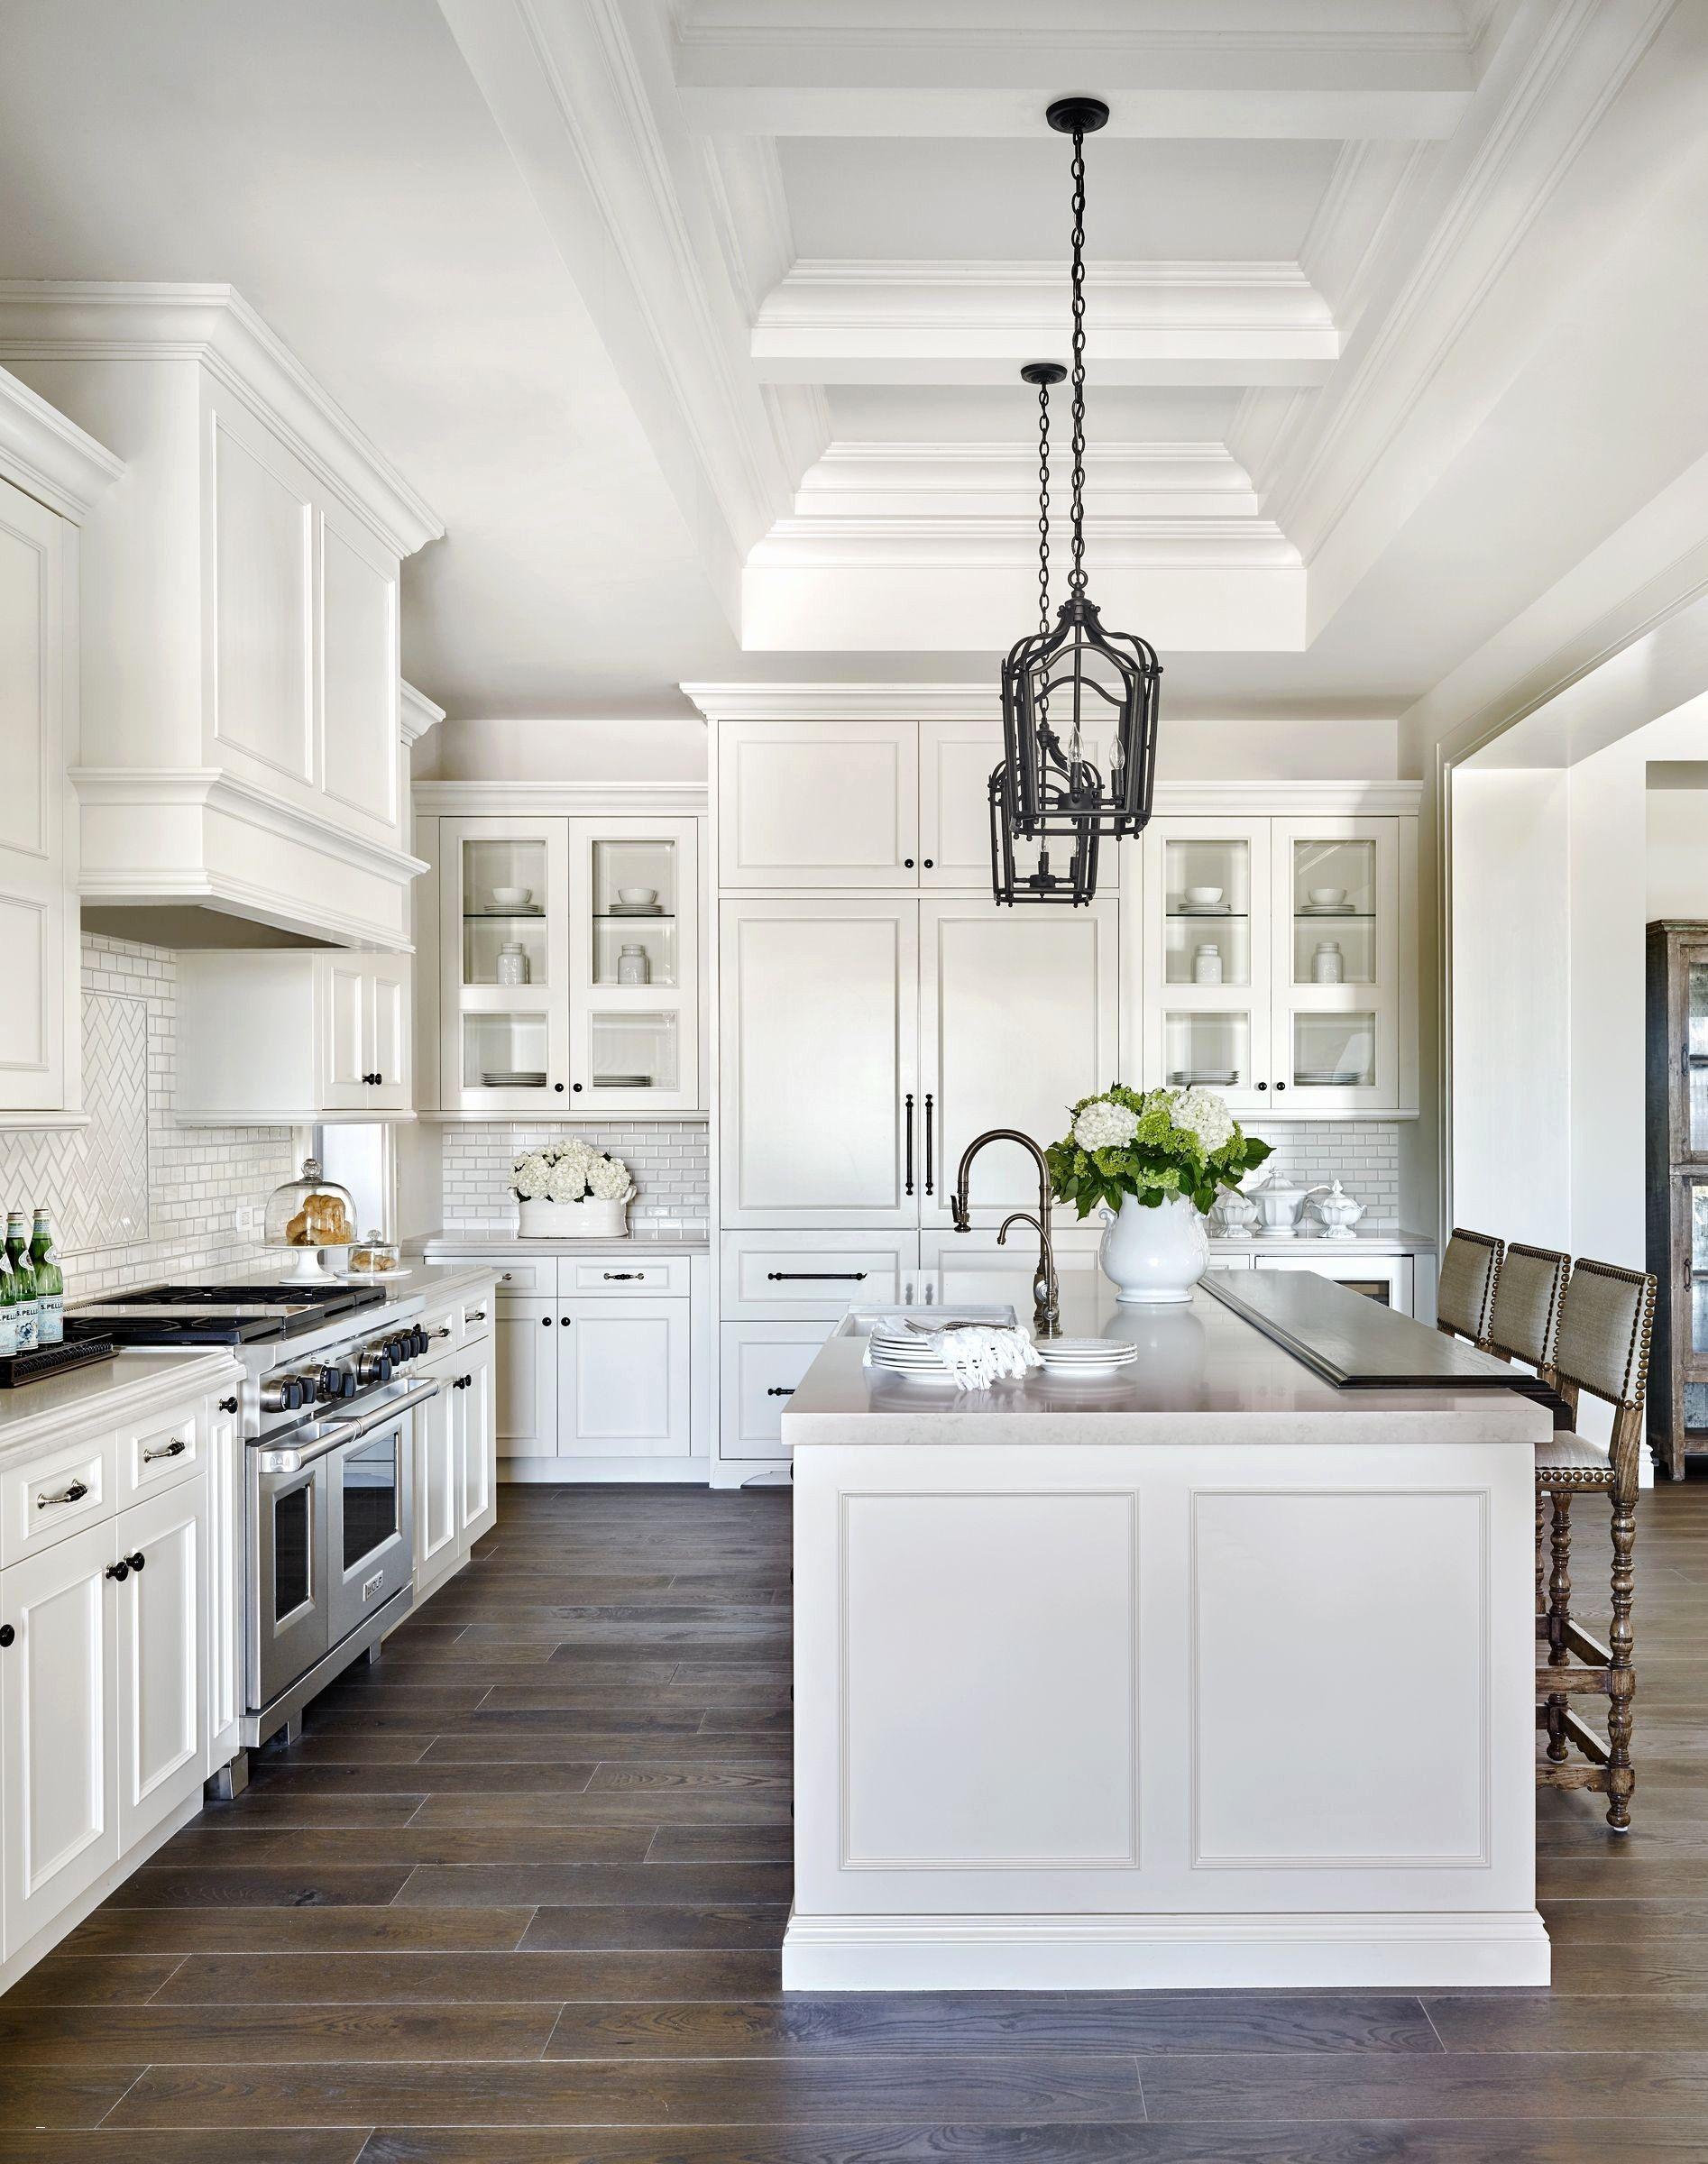 Image Result For 15x15 Kitchen Layout Kitchen In 2019 Kitchen